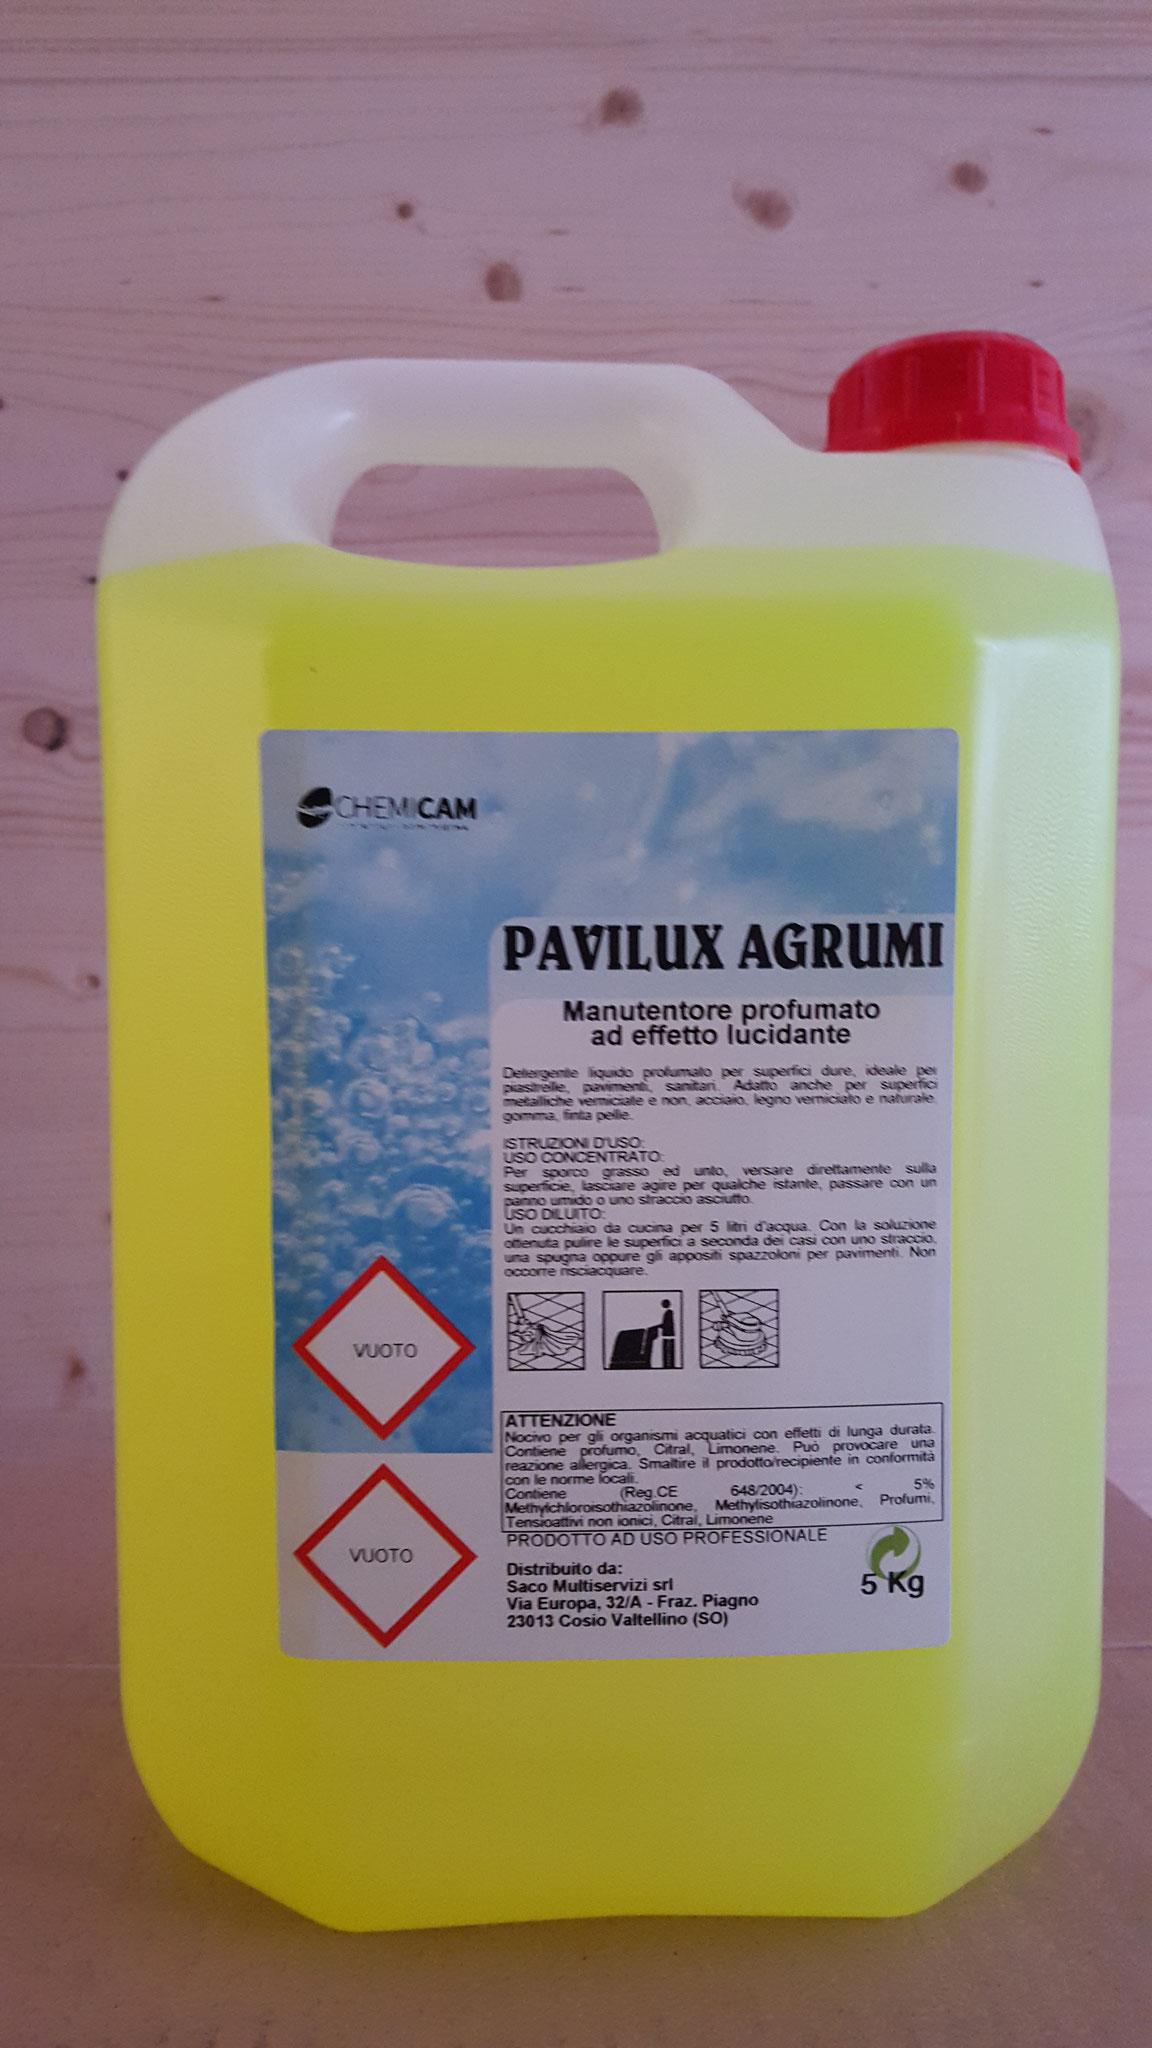 PAVILUX AGRUMI -  Detergente manutentore dal delicato profumo di agrumi. Pulisce e ridona lucentezza a tutti i tipi di pavimento e tutte le superfici lavabili